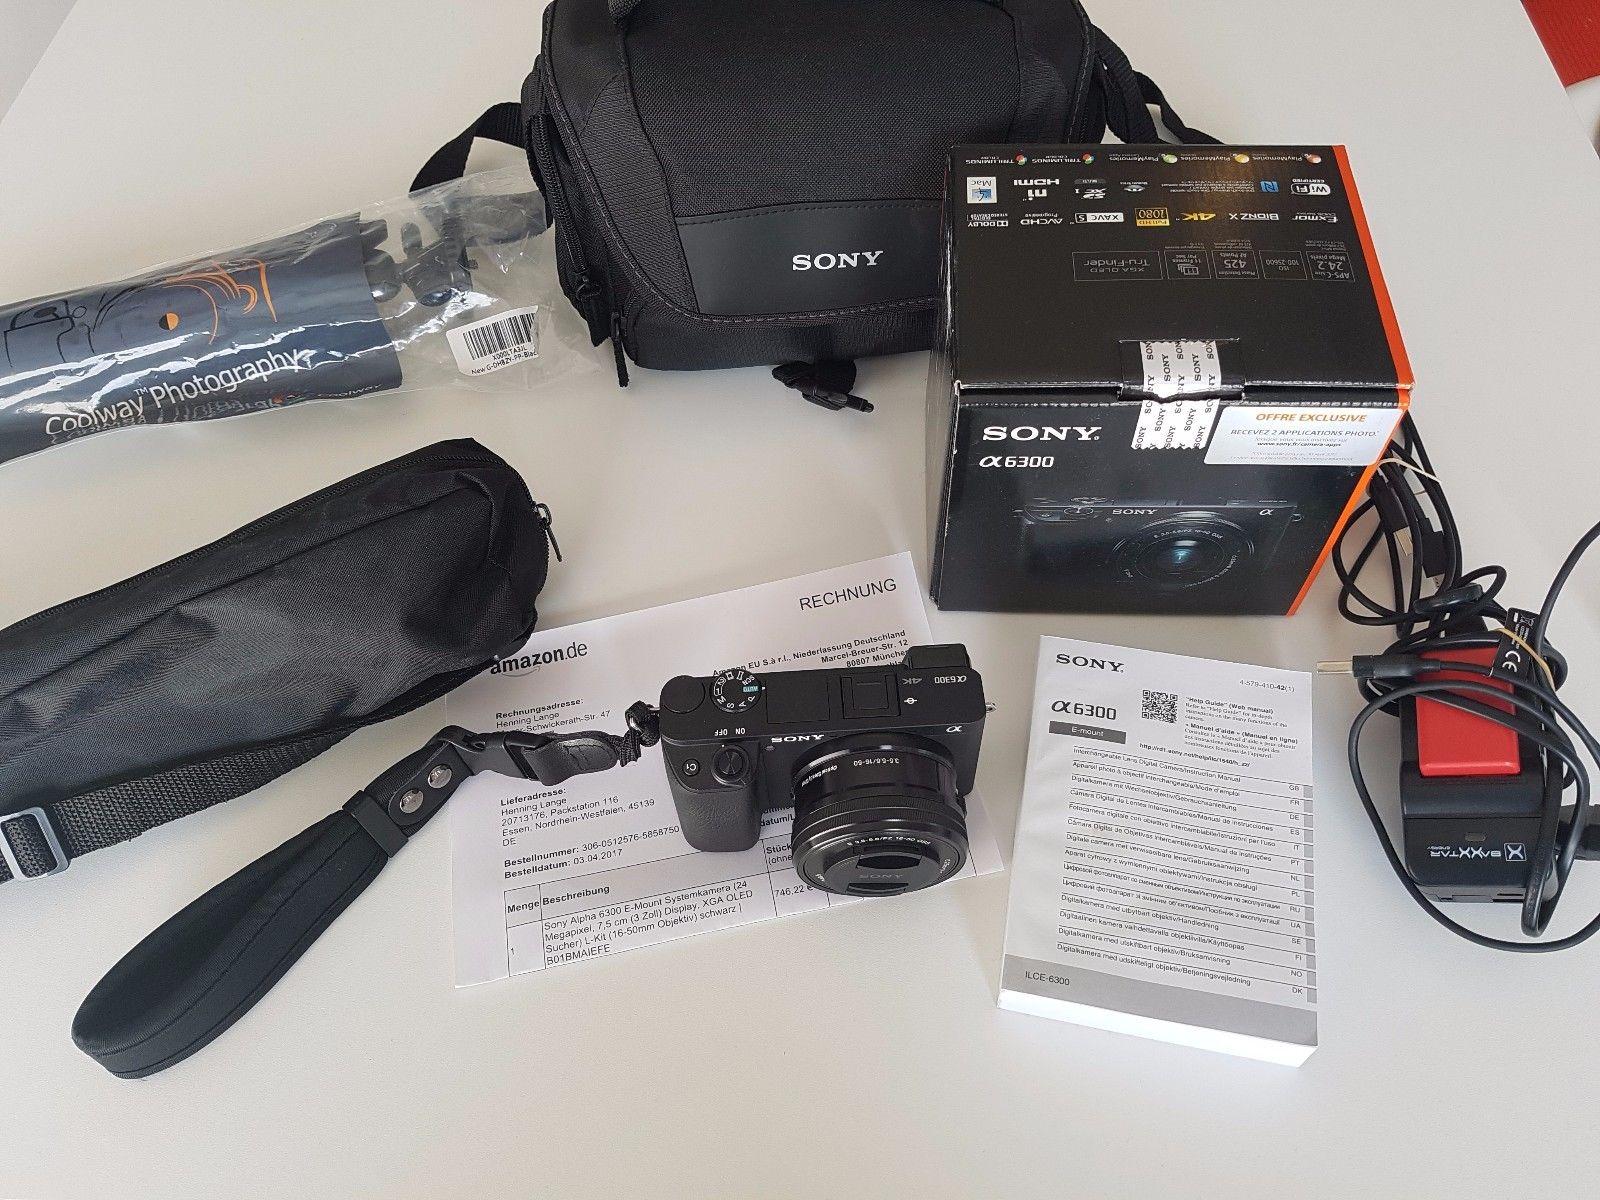 Sony Alpha 6300 + 16-50 mm Objektiv + 64GB SD+ Zubehörpaket, wie neu, Rechnung